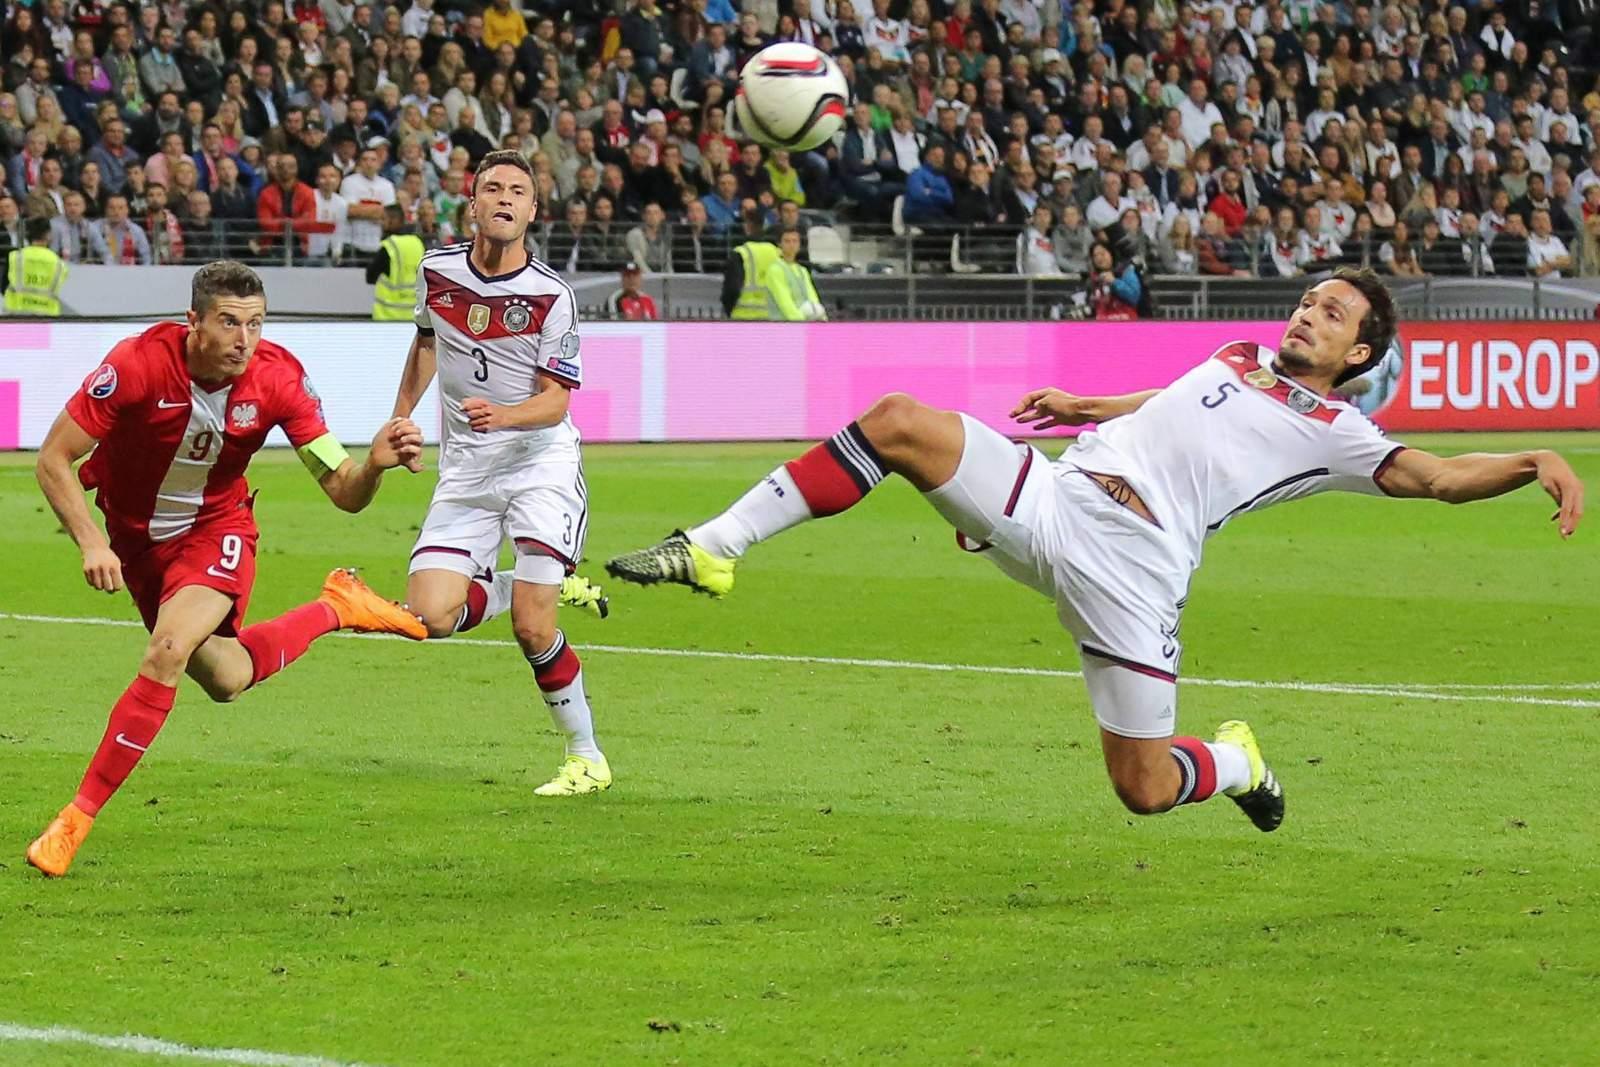 Klärt Hummels gegen Lewandowski? Unser Tipp: Deutschland gewinnt gegen Polen